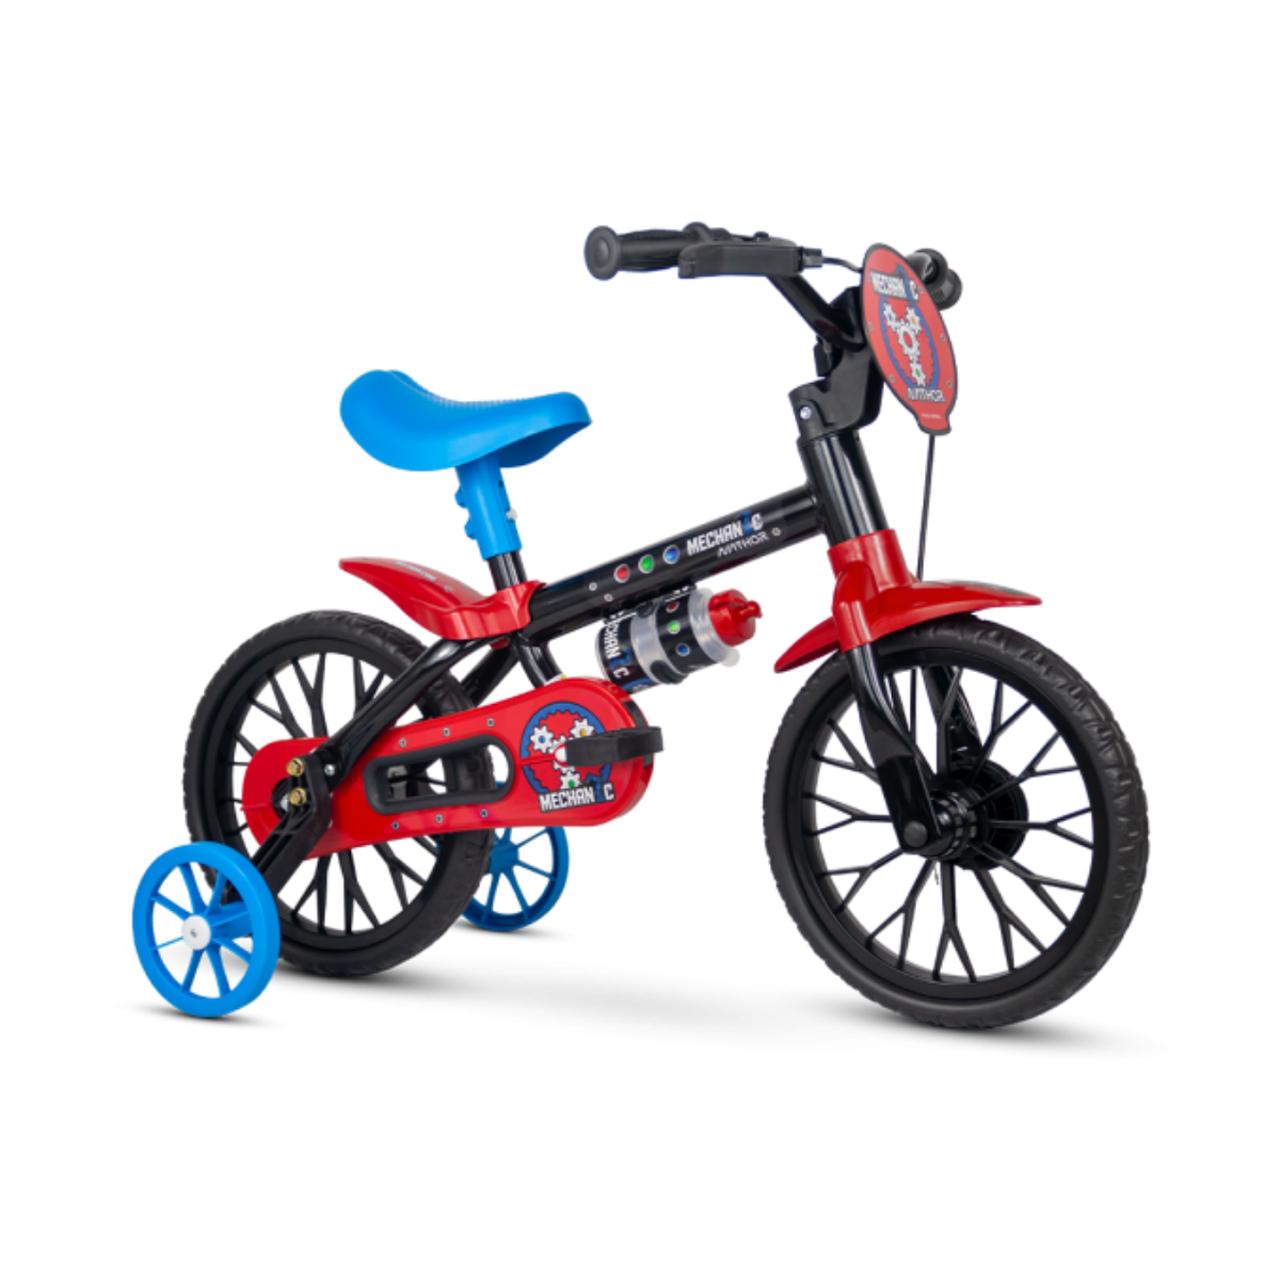 Bicicleta Mechanic Aro 12 Infantil com rodinhas